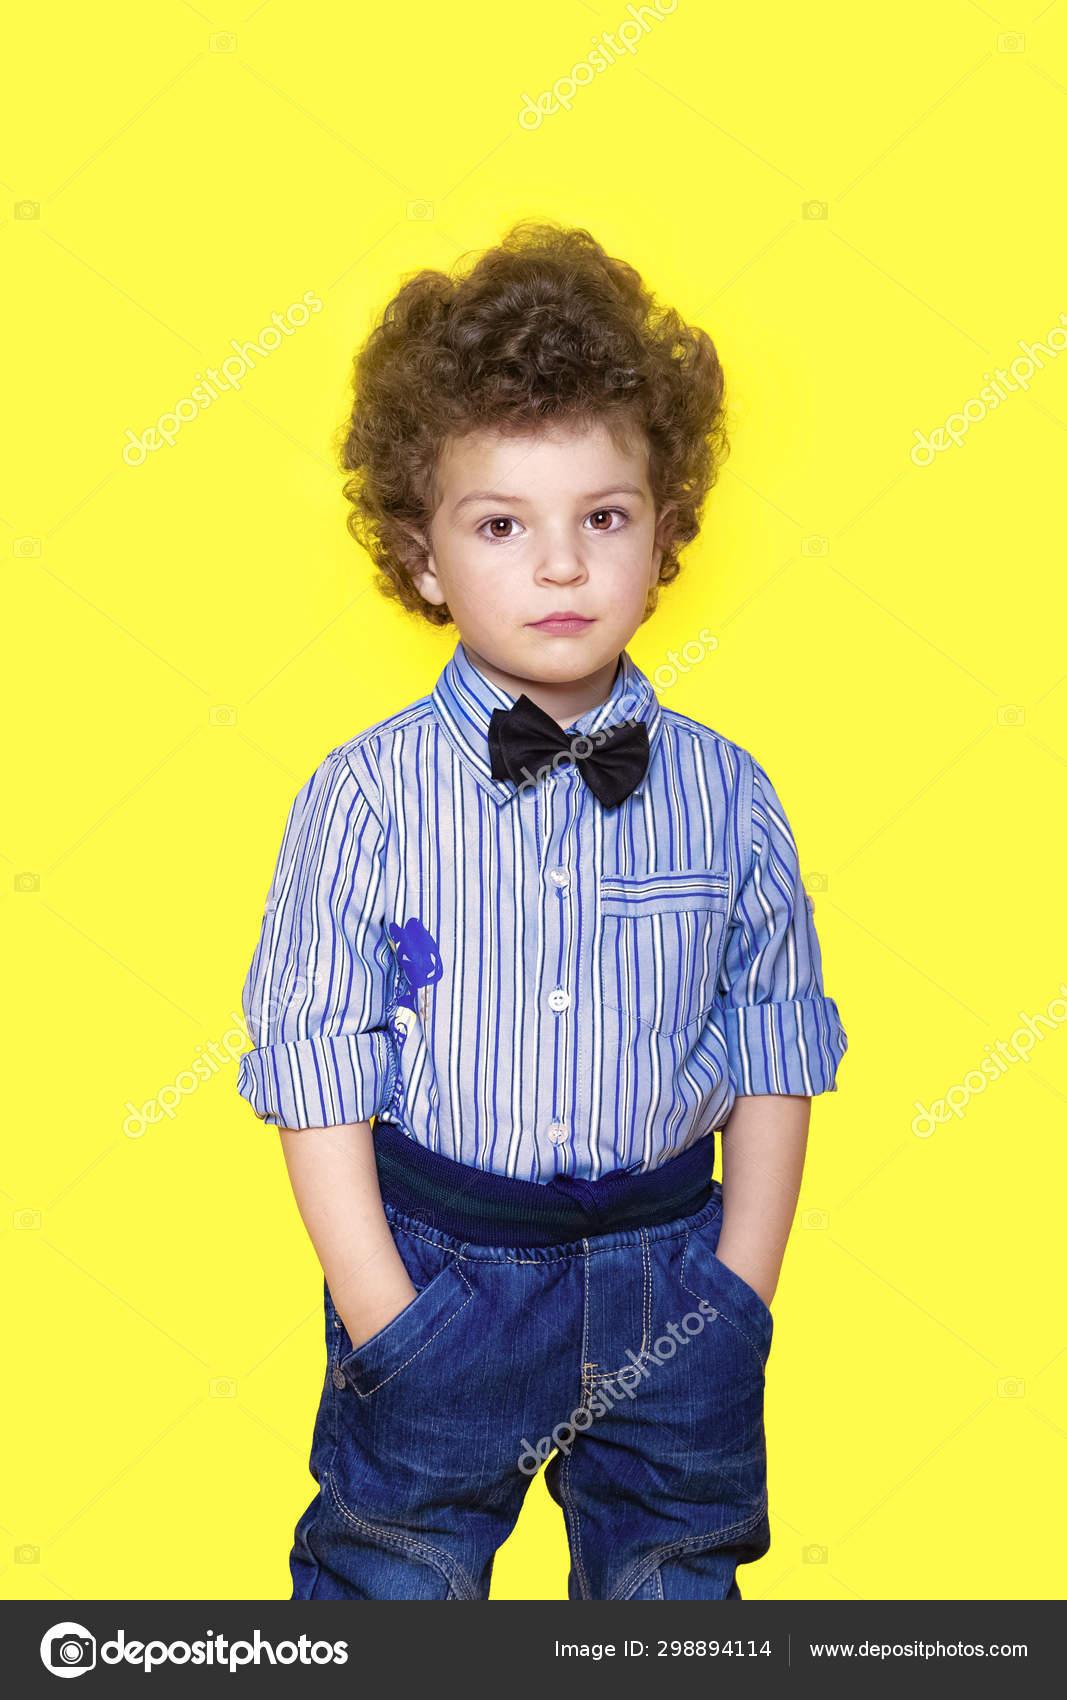 Kid Portrait Curly Hair Studio Portrait Confident Smiling